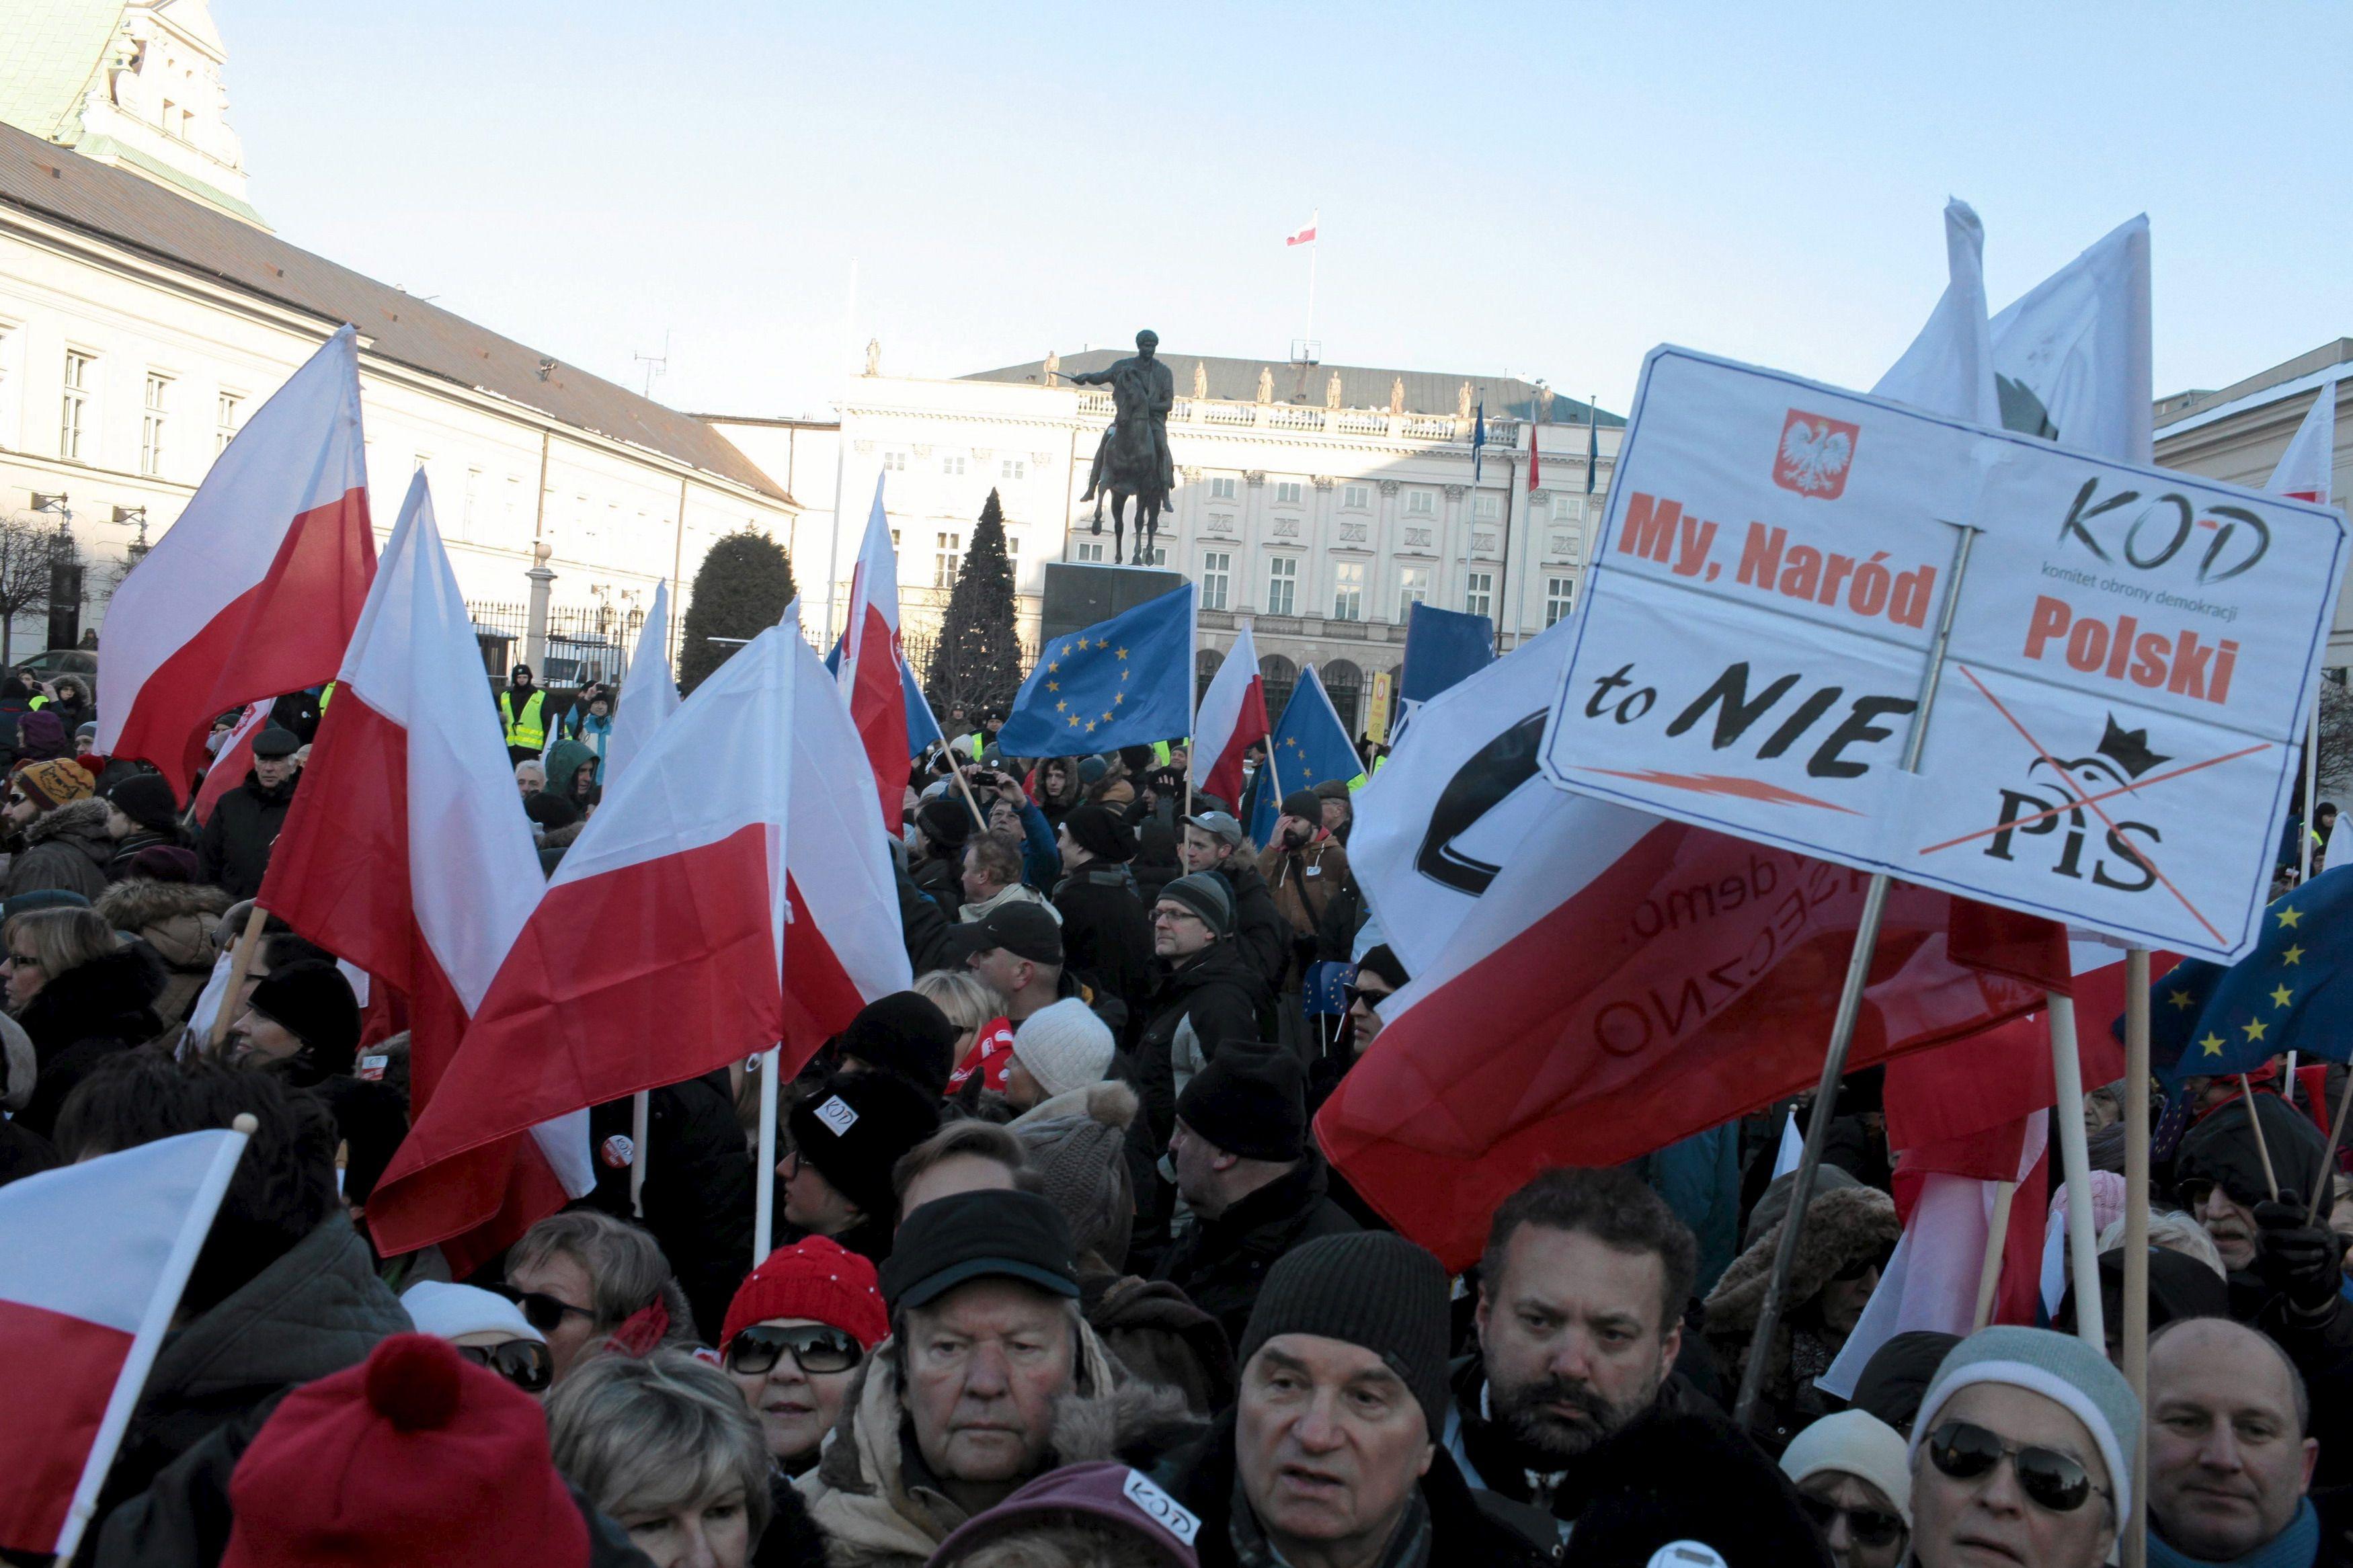 Suite à la victoire du parti nationaliste et conservateur Droit et Justice (PiS) en Pologne, on assiste à une dérive autoritaire dans le pays.